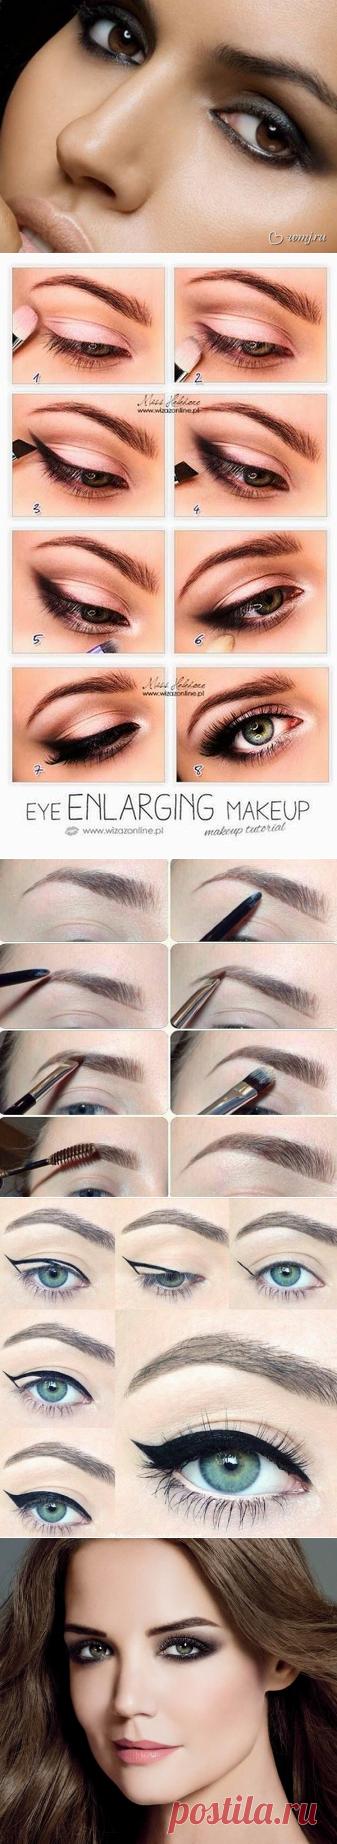 Этот трюк разорвал все шаблоны о макияже глаз! Как я жалею, что раньше им не пользовалась…